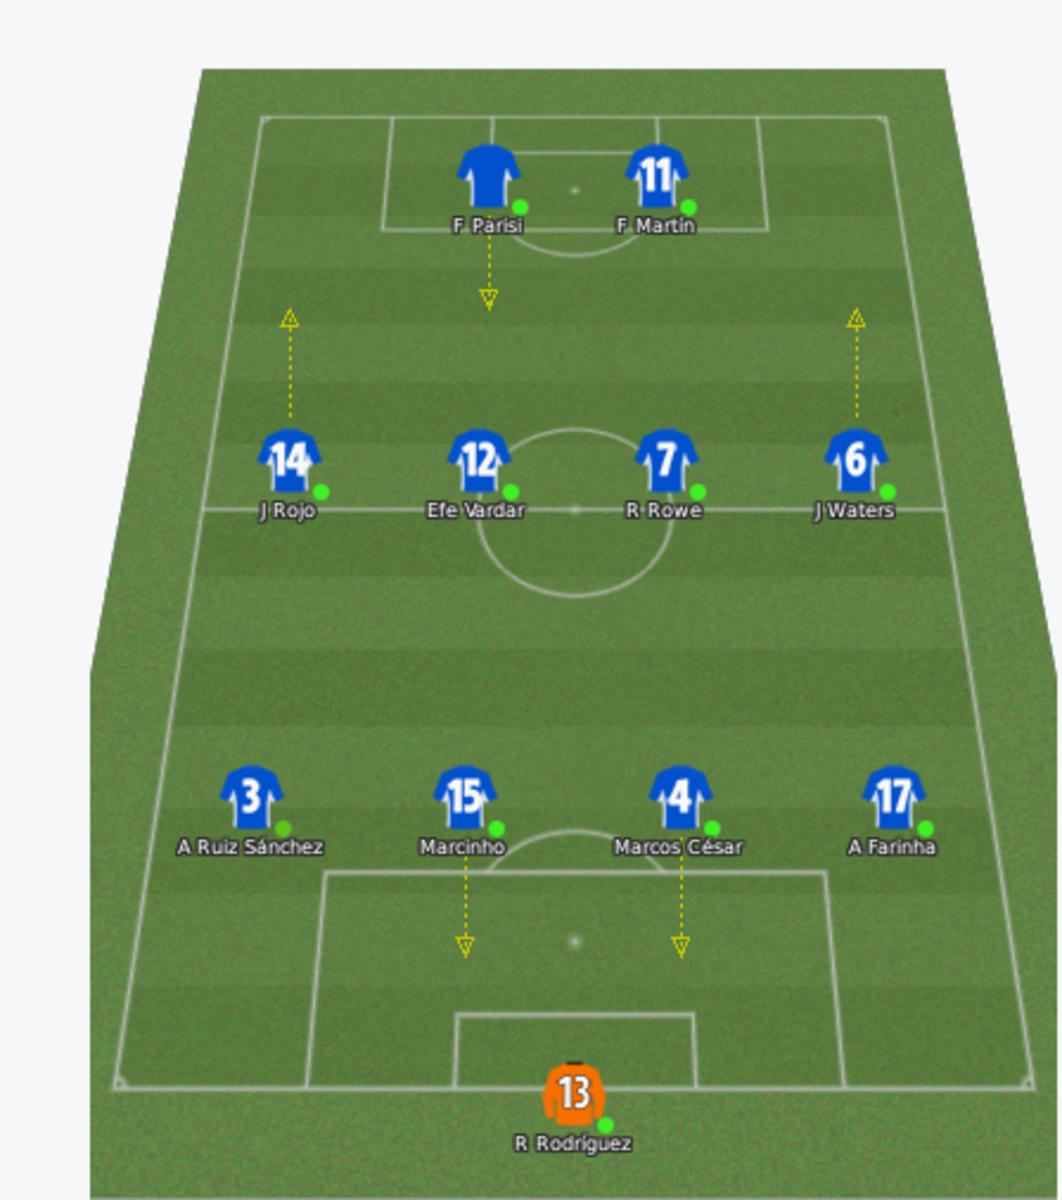 4-4-2 tactic